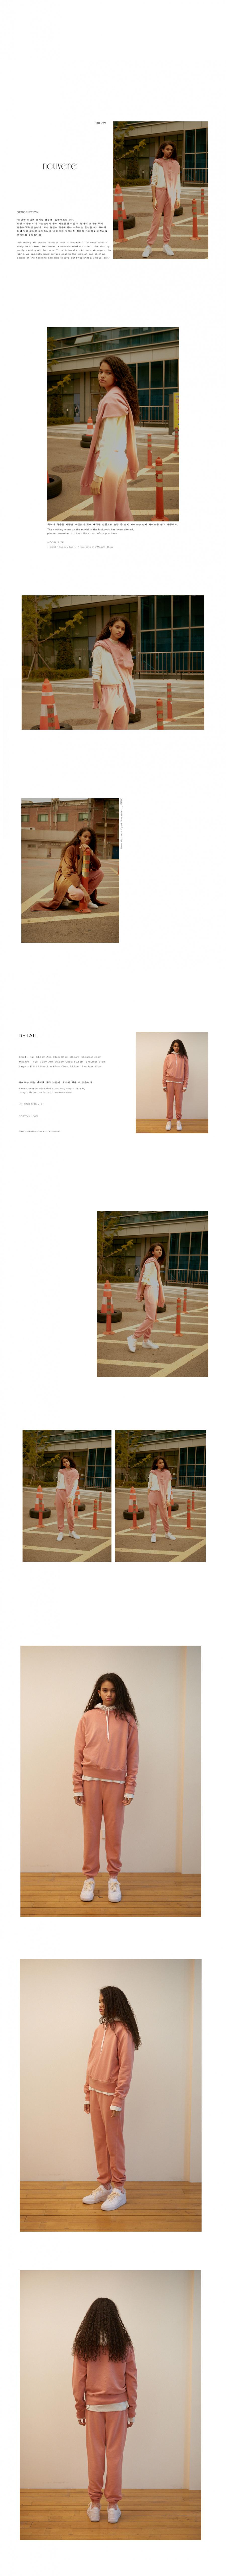 누엔(NOUVENE) New Garment Dyed Sweatshirt Pink